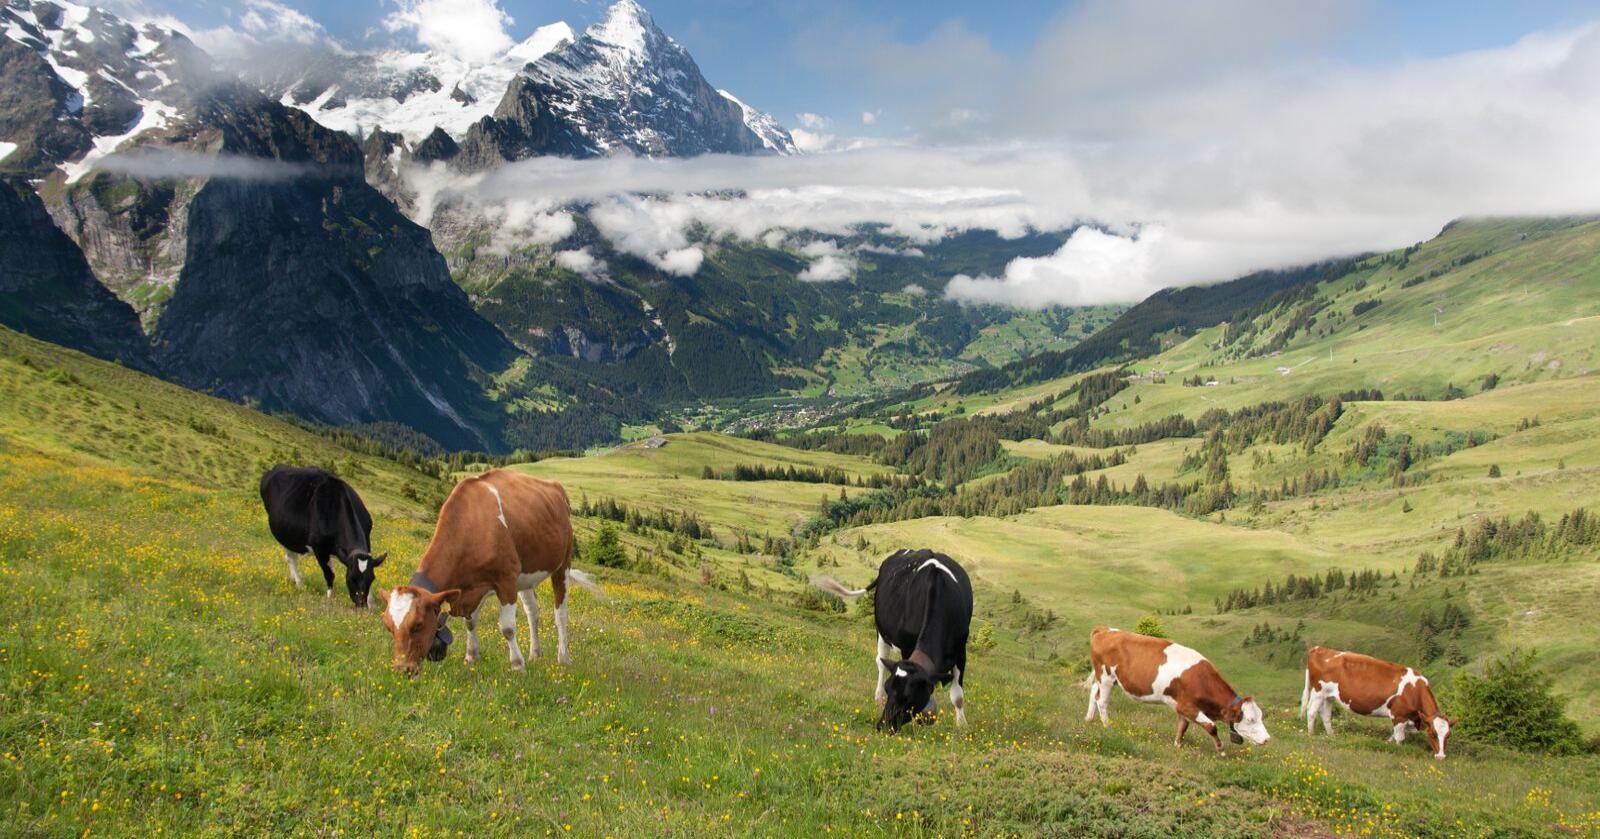 Økende isolasjon: Fremtiden vil vise om Sveits kan holde på sin selvstendighet i økende isolasjon rundt sine nærmeste handelspartnere, skriver innsenderen. Foto: Mostphotos